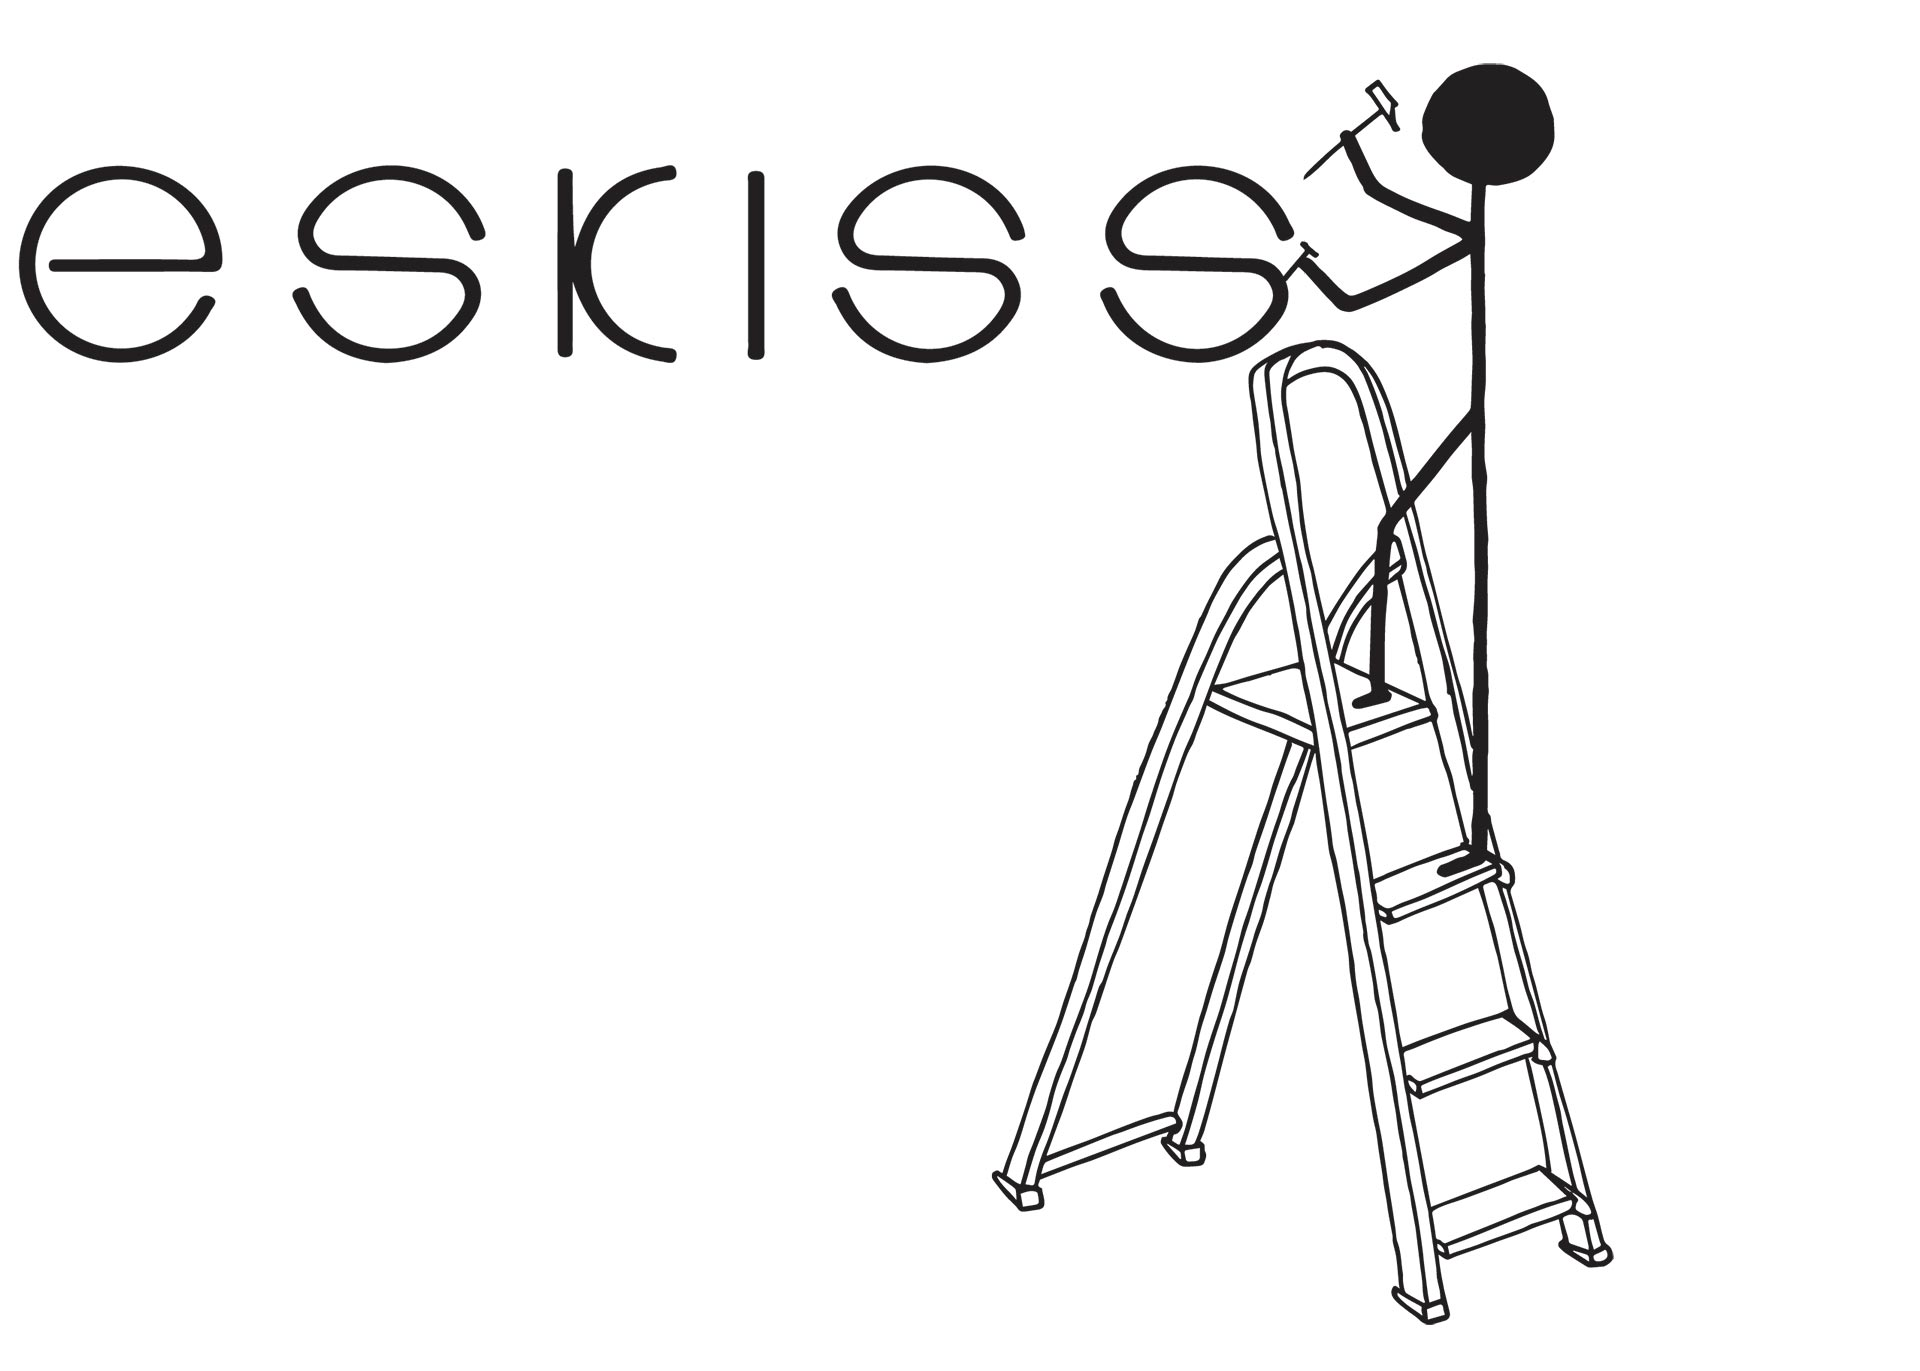 EskissLea Echelle 1 - Léa notre artiste apprentie